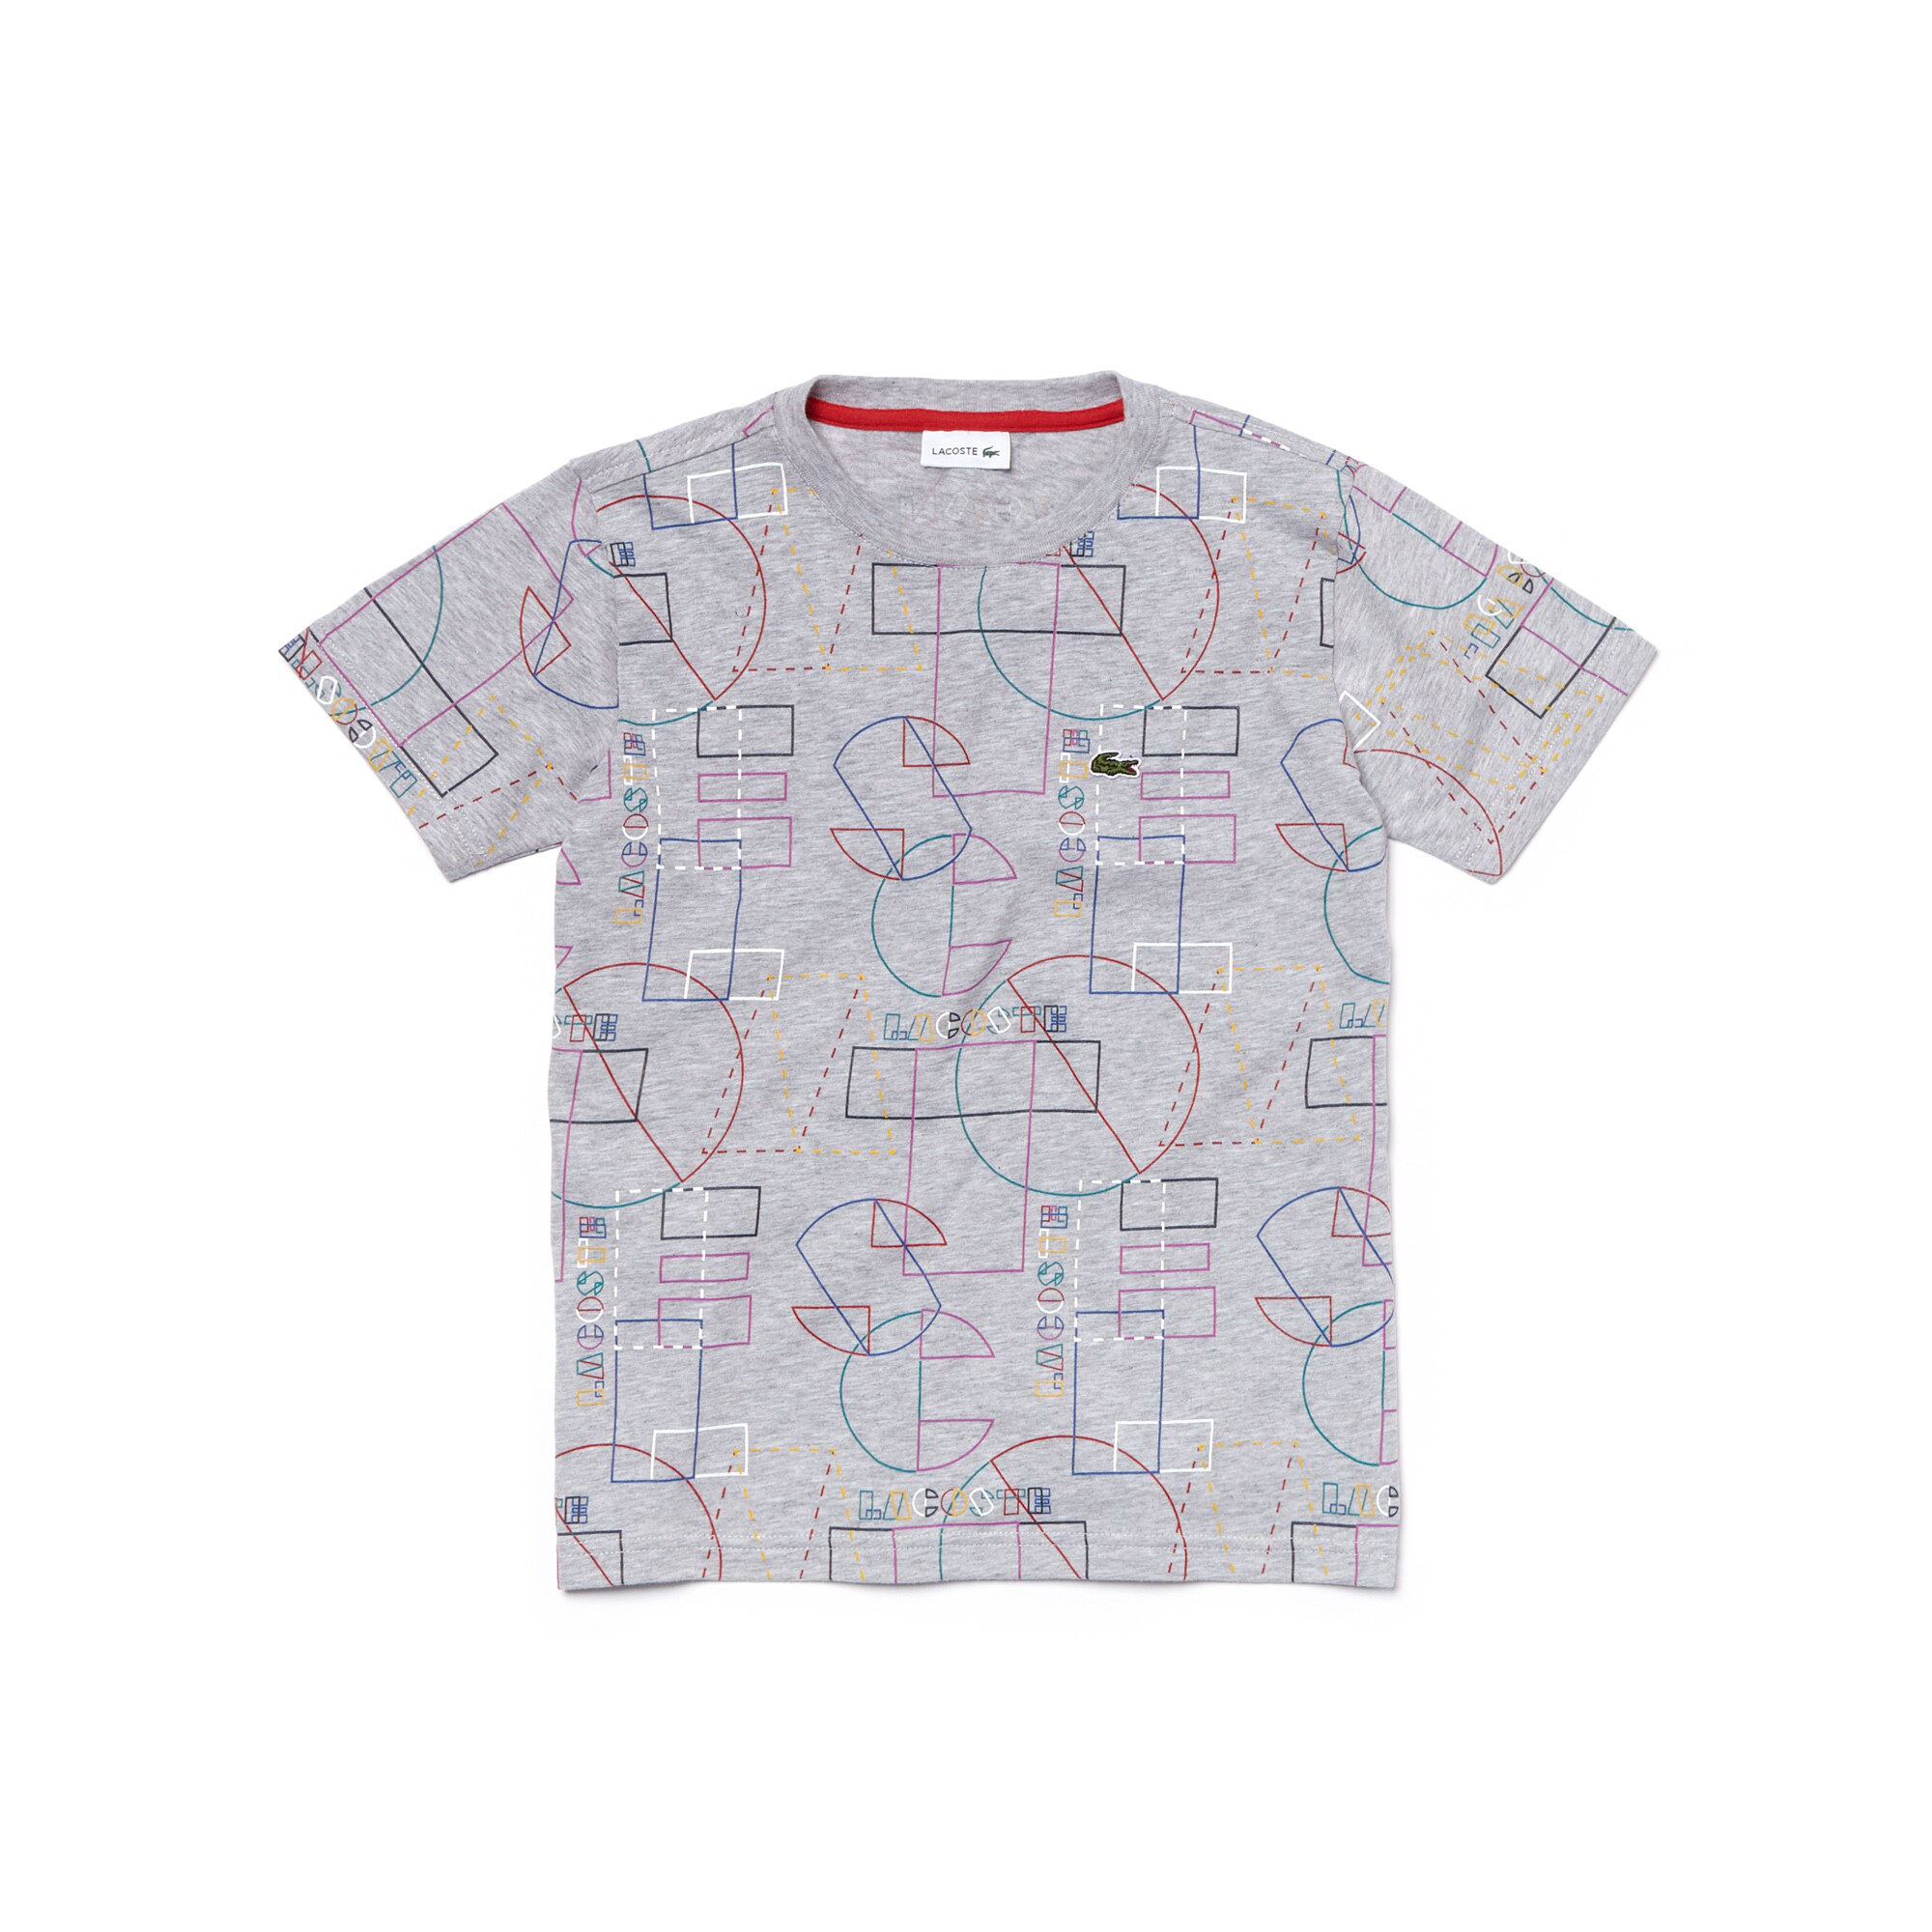 Camiseta De Niño En Tejido De Punto De Algodón Con Estampado Geométrico Y Cuello Redondo